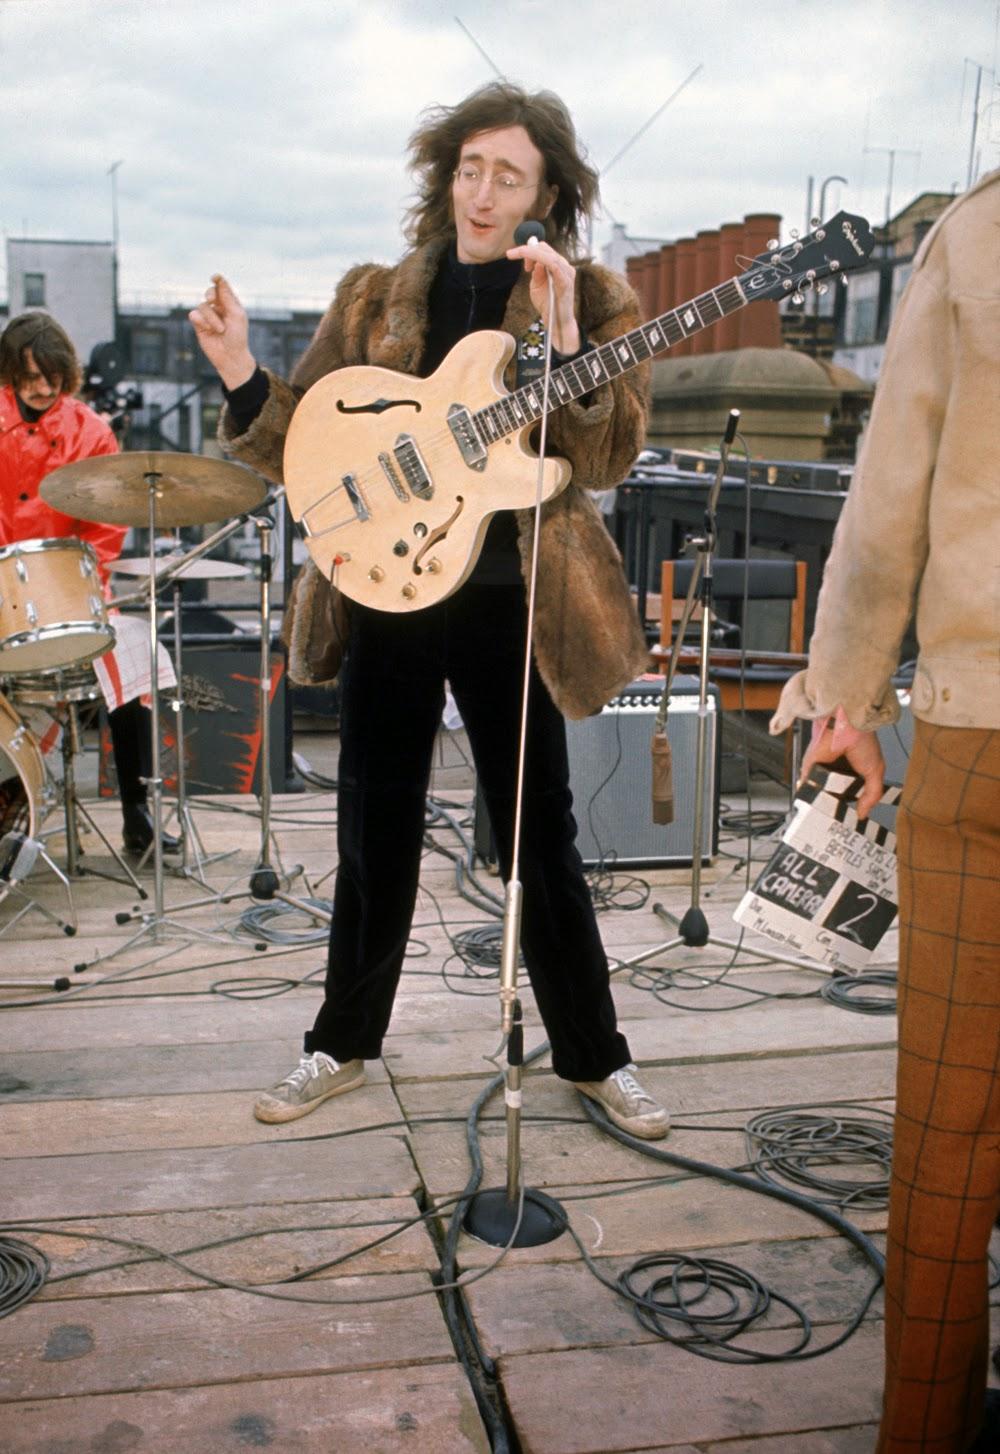 John és Ringo feleségeik kabátjában